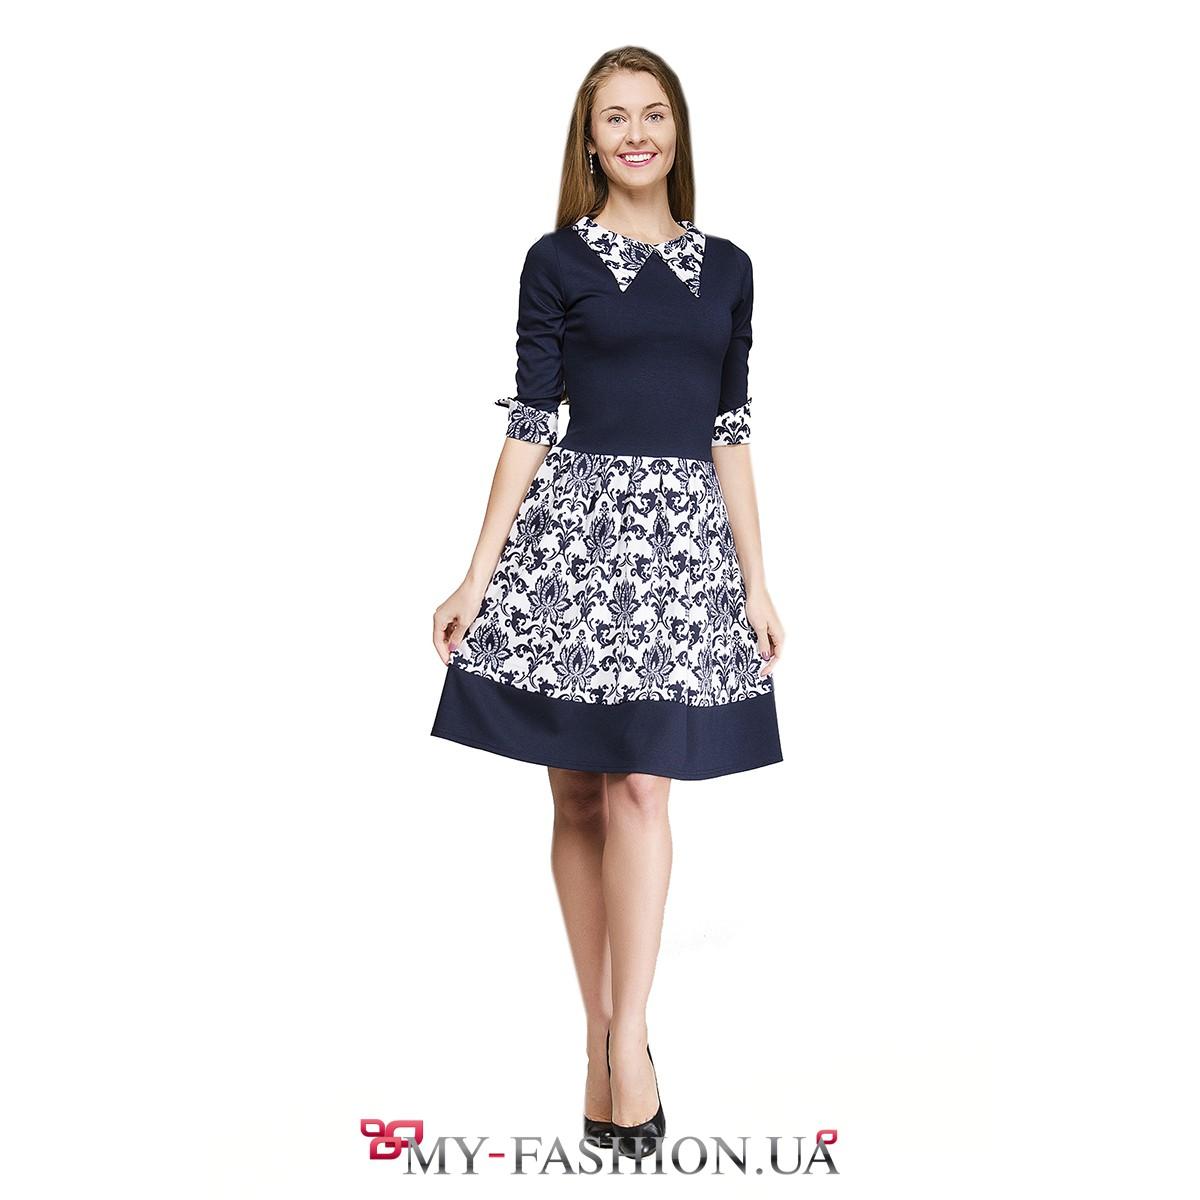 Польская женская одежда интернет магазин доставка